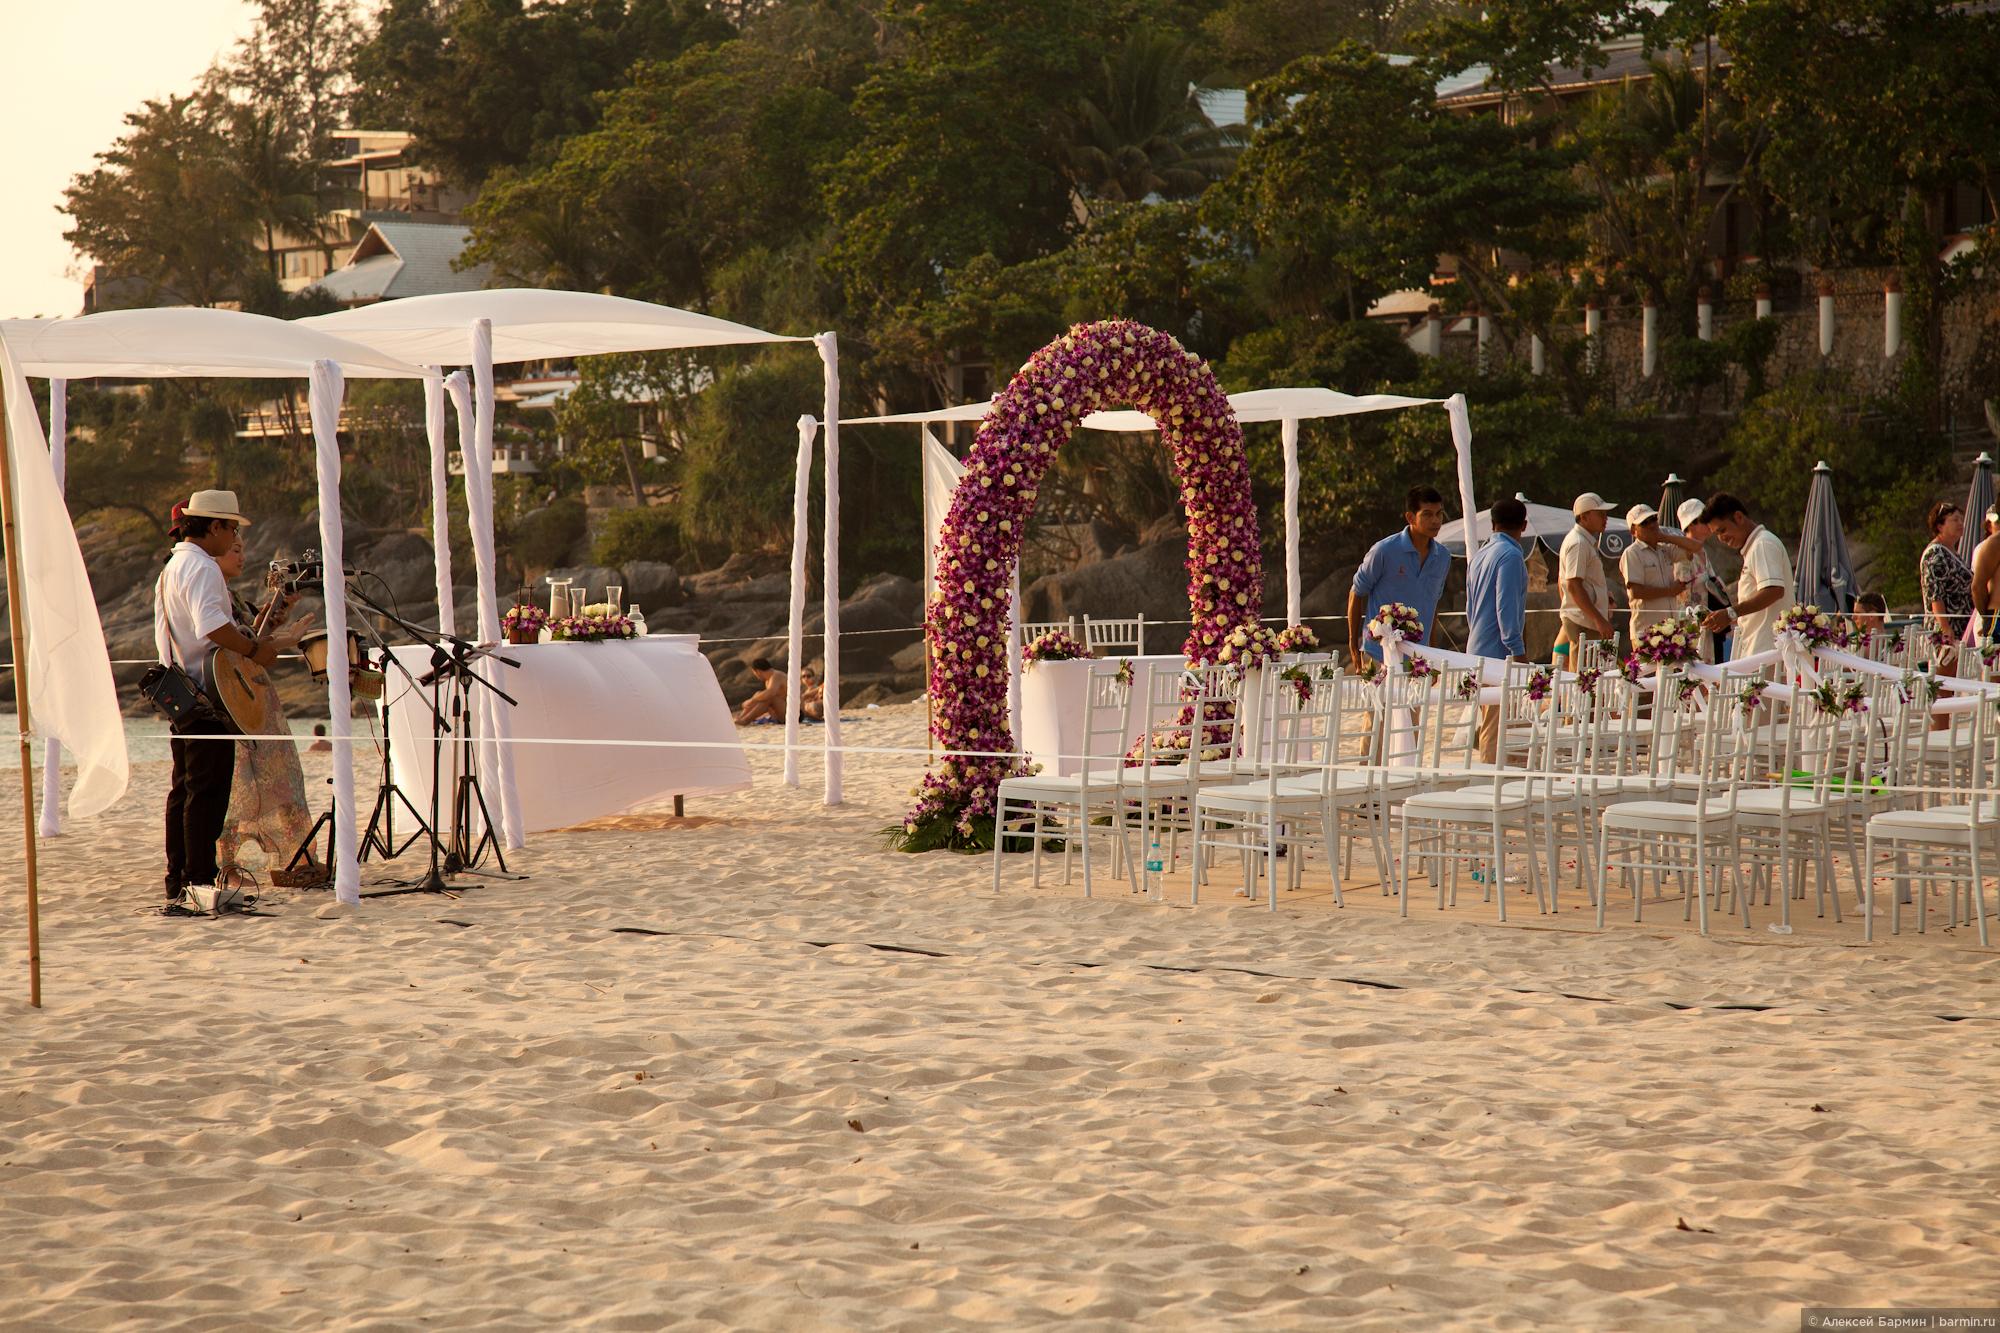 """Фото из альбома """"Свадьба на Пхукете"""", Таиланд"""